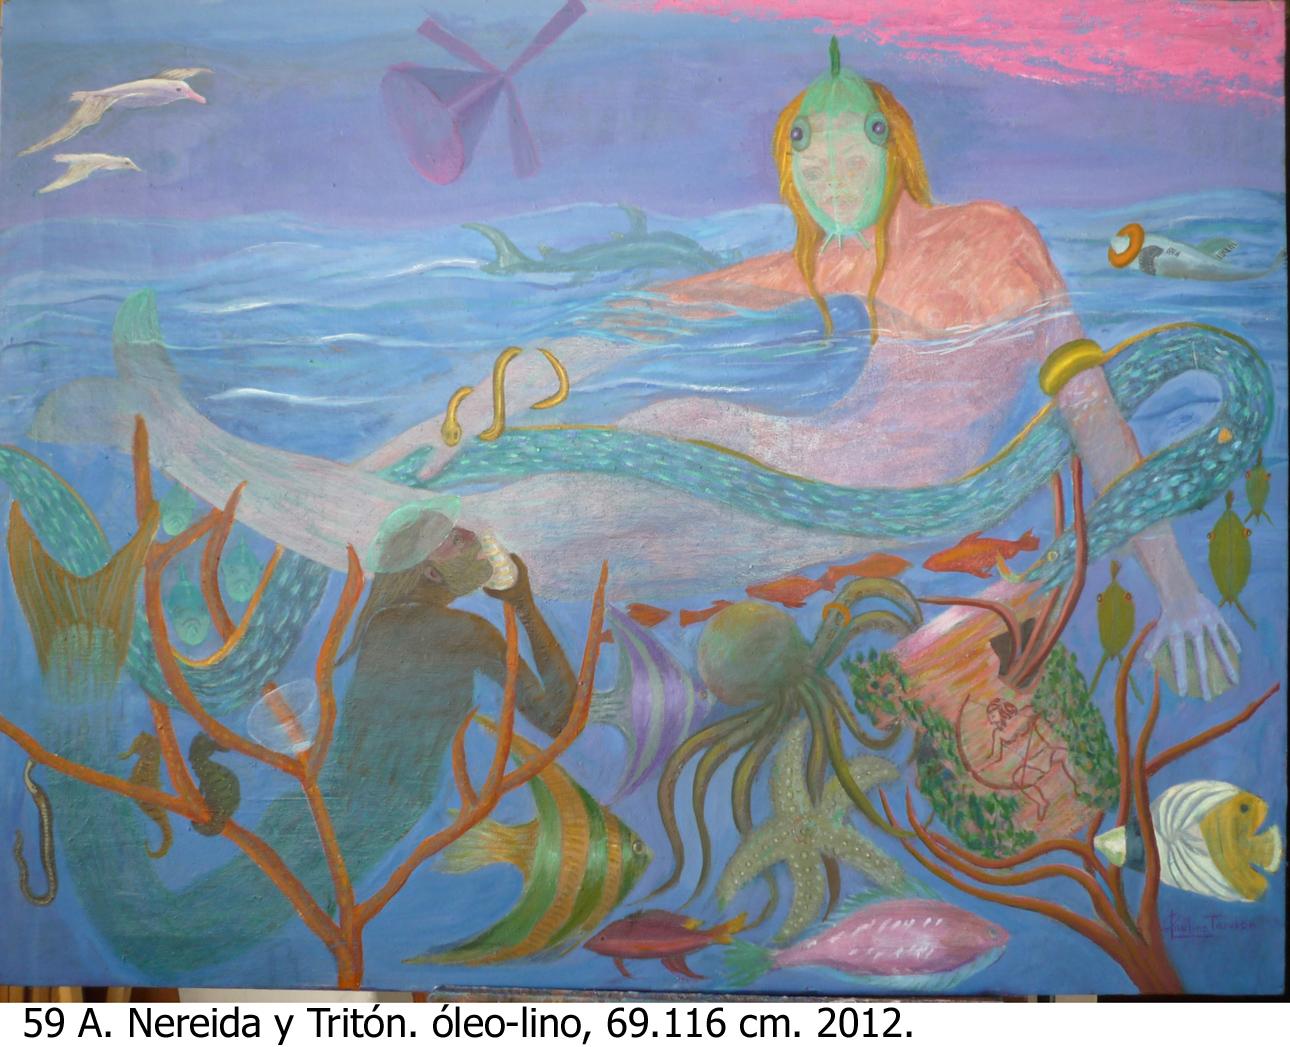 Nereida y Tritón